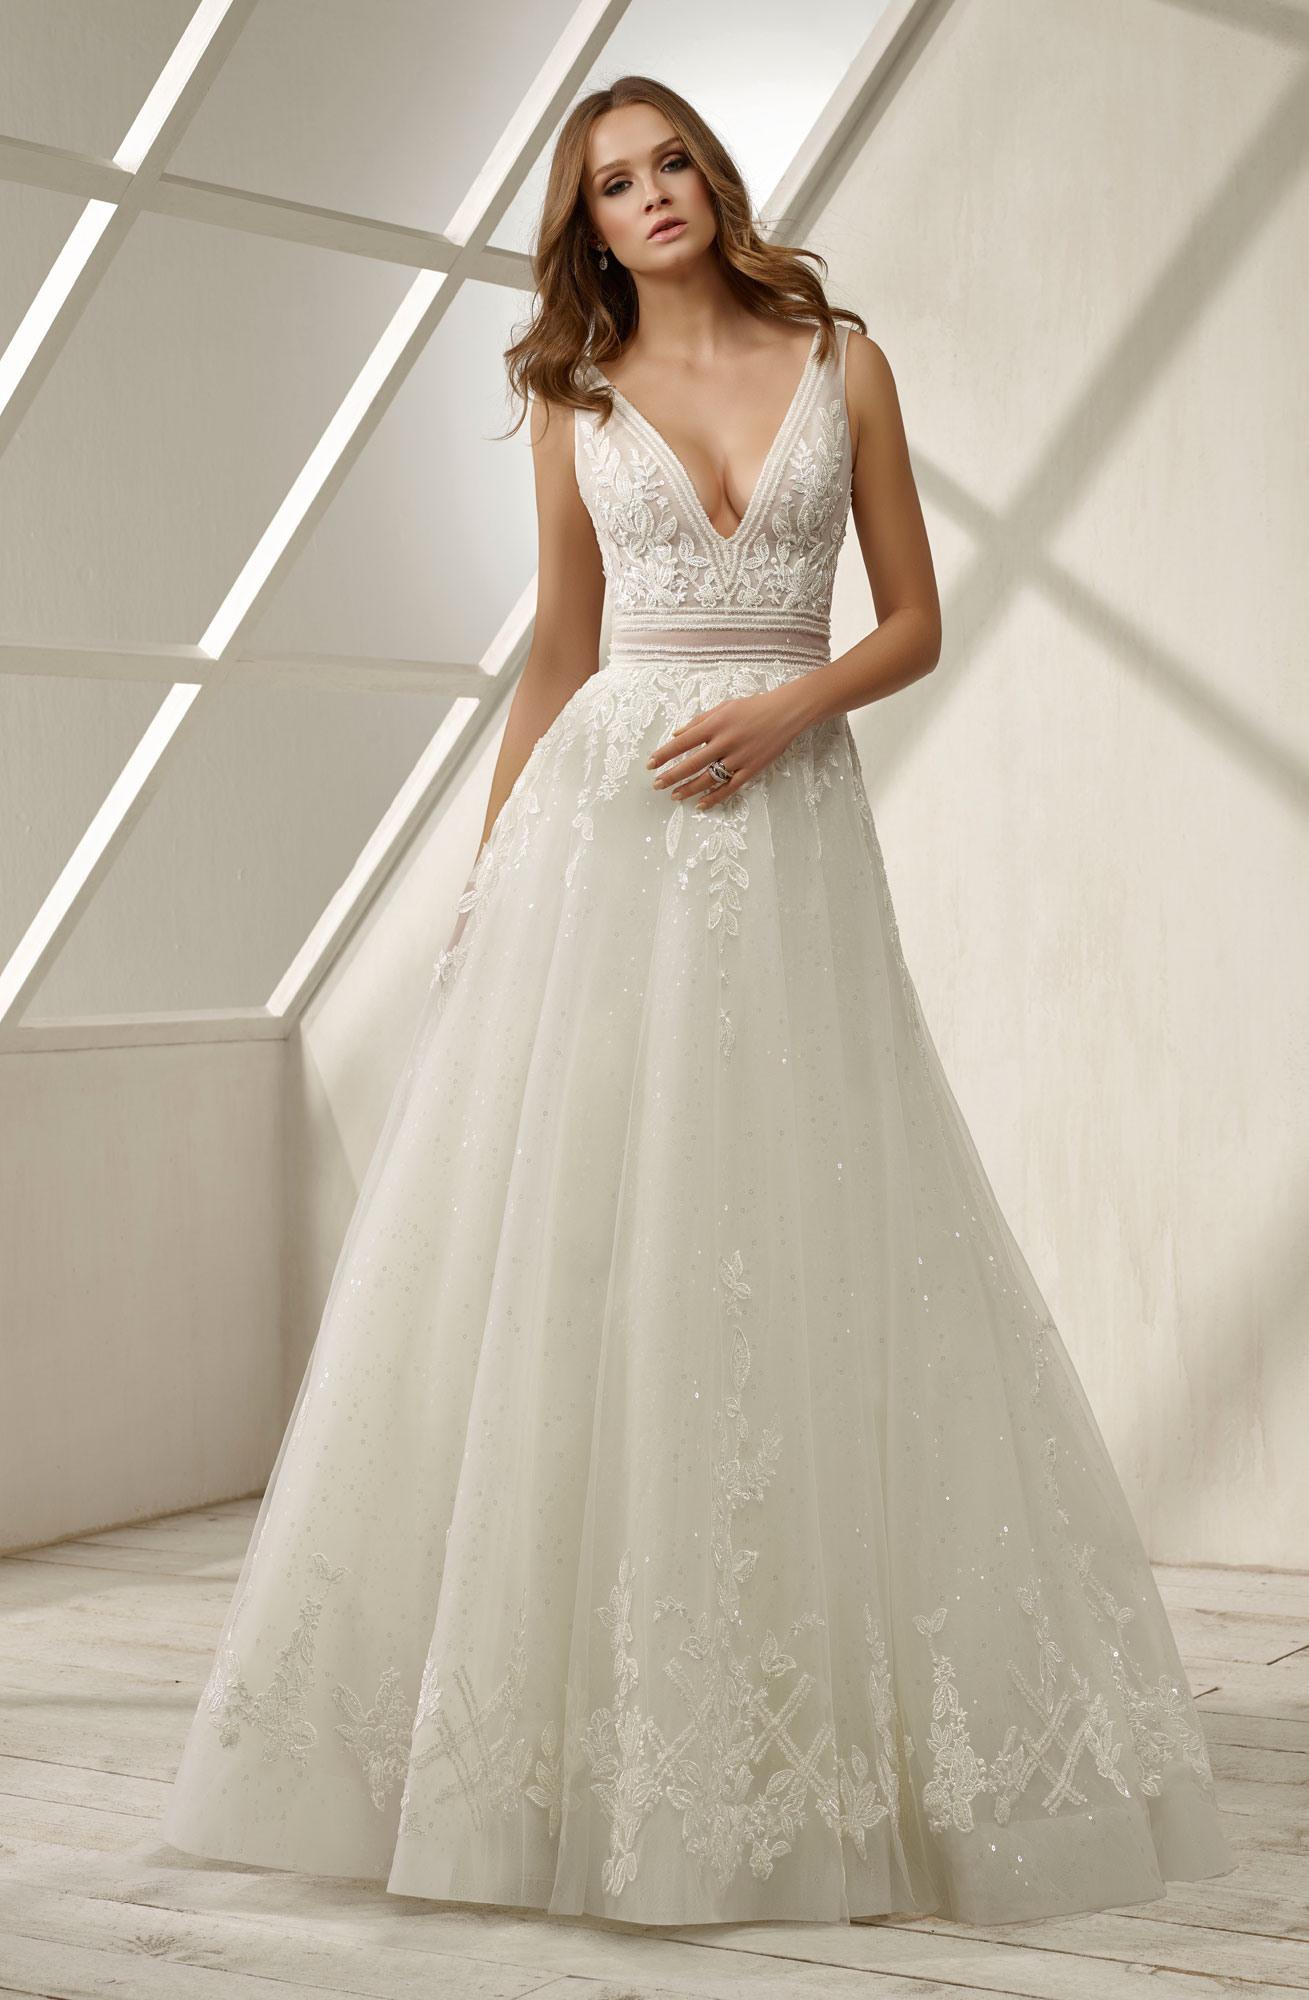 Brautkleider Spitze | Hochzeitskleider Mit Spitze - Edel